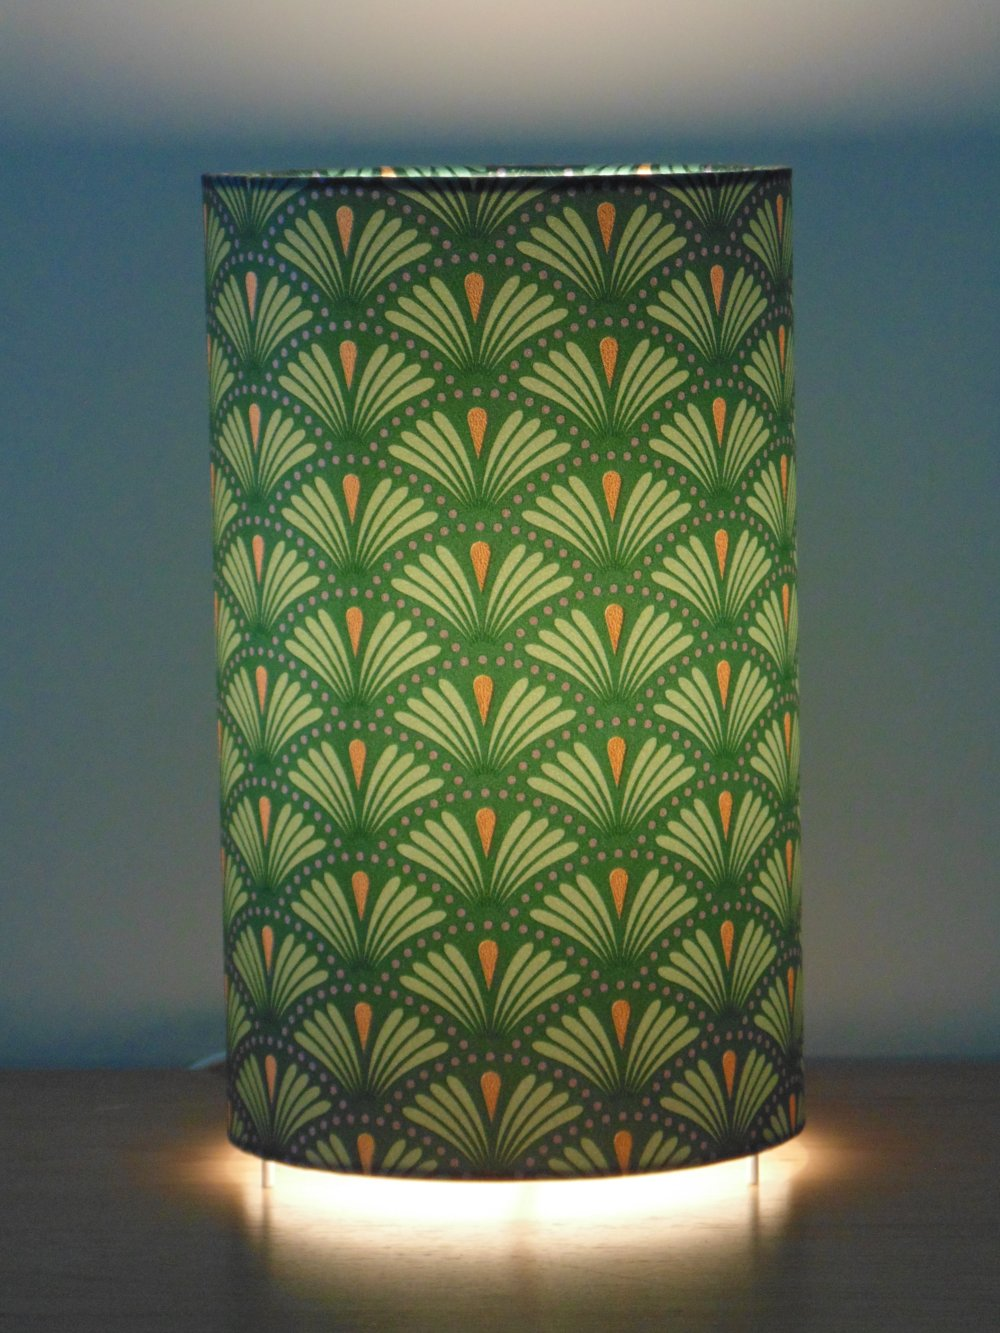 Lampe tube motif éventail art déco vert et or lampe chevet ou d'appoint idée cadeau hygge scandinave cocconing